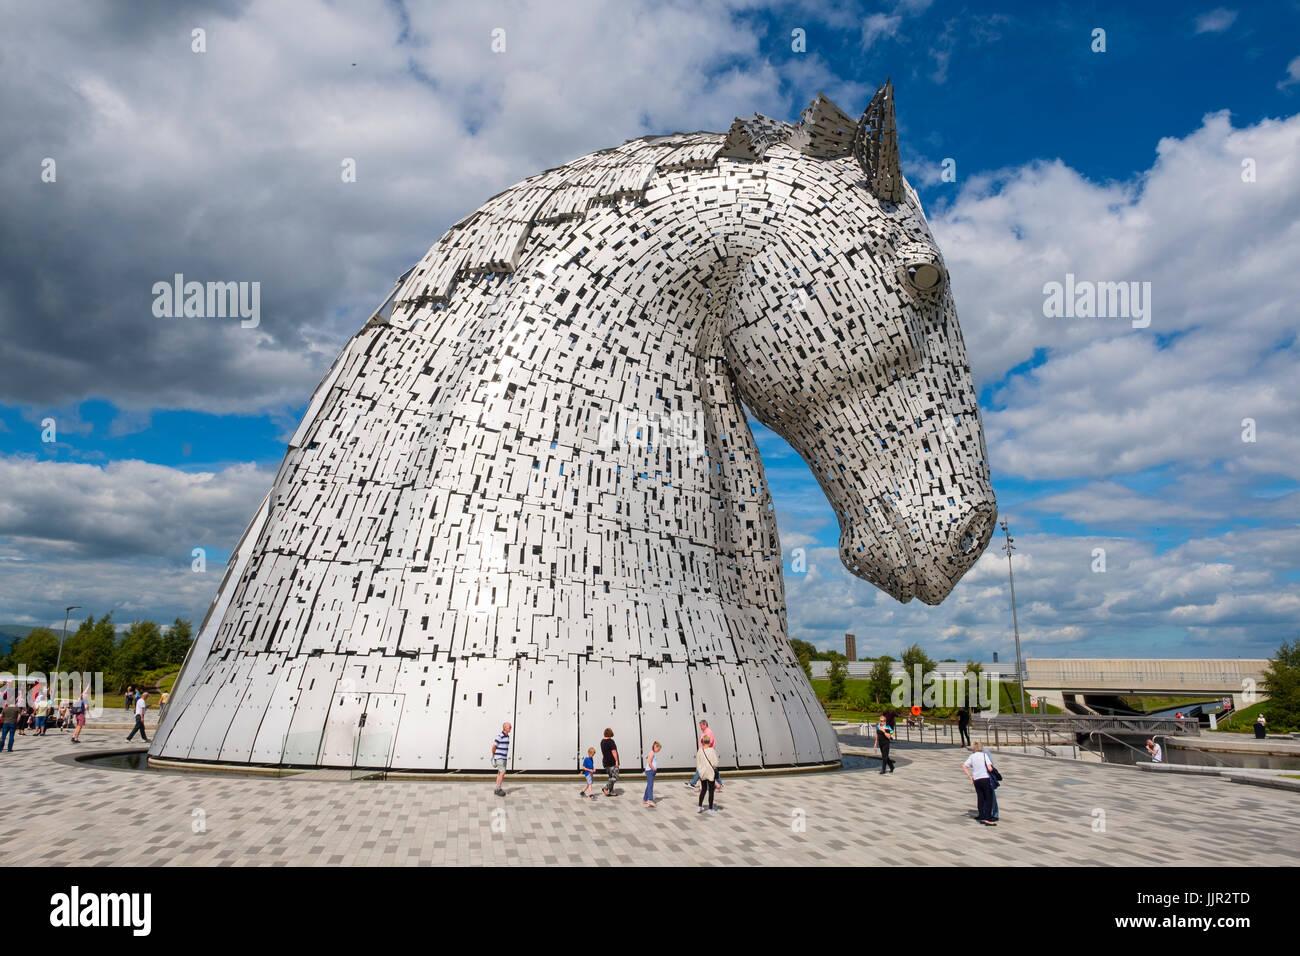 Die Kelpies Skulpturen im Helix Park, Falkirk, Schottland, Großbritannien. Stockbild